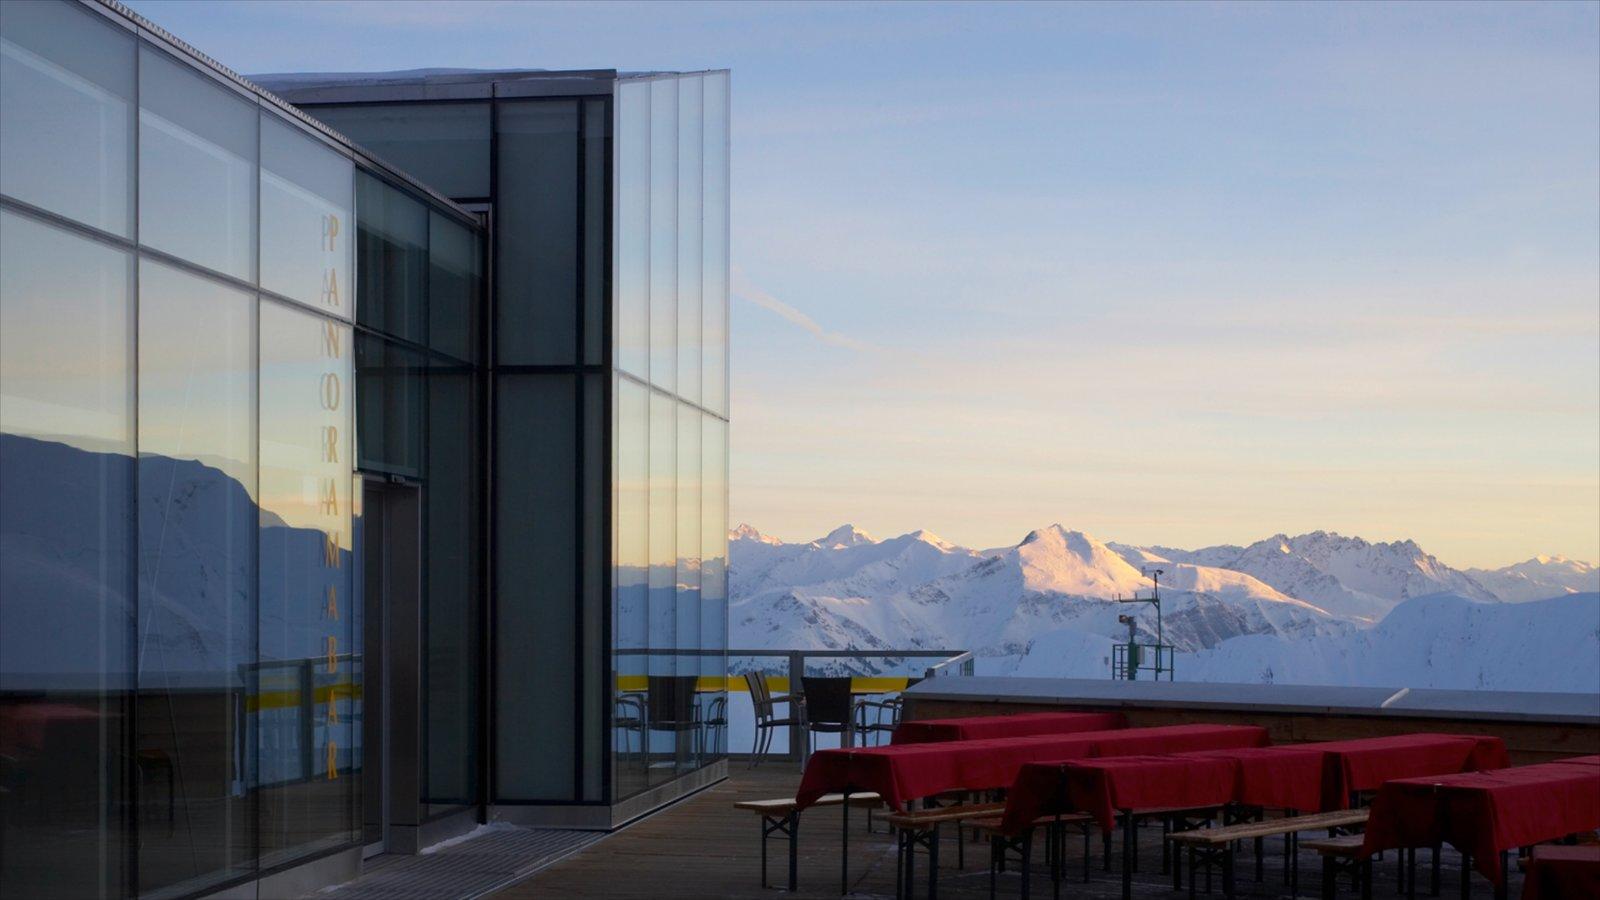 Serfaus ofreciendo nieve, comer al aire libre y arquitectura moderna